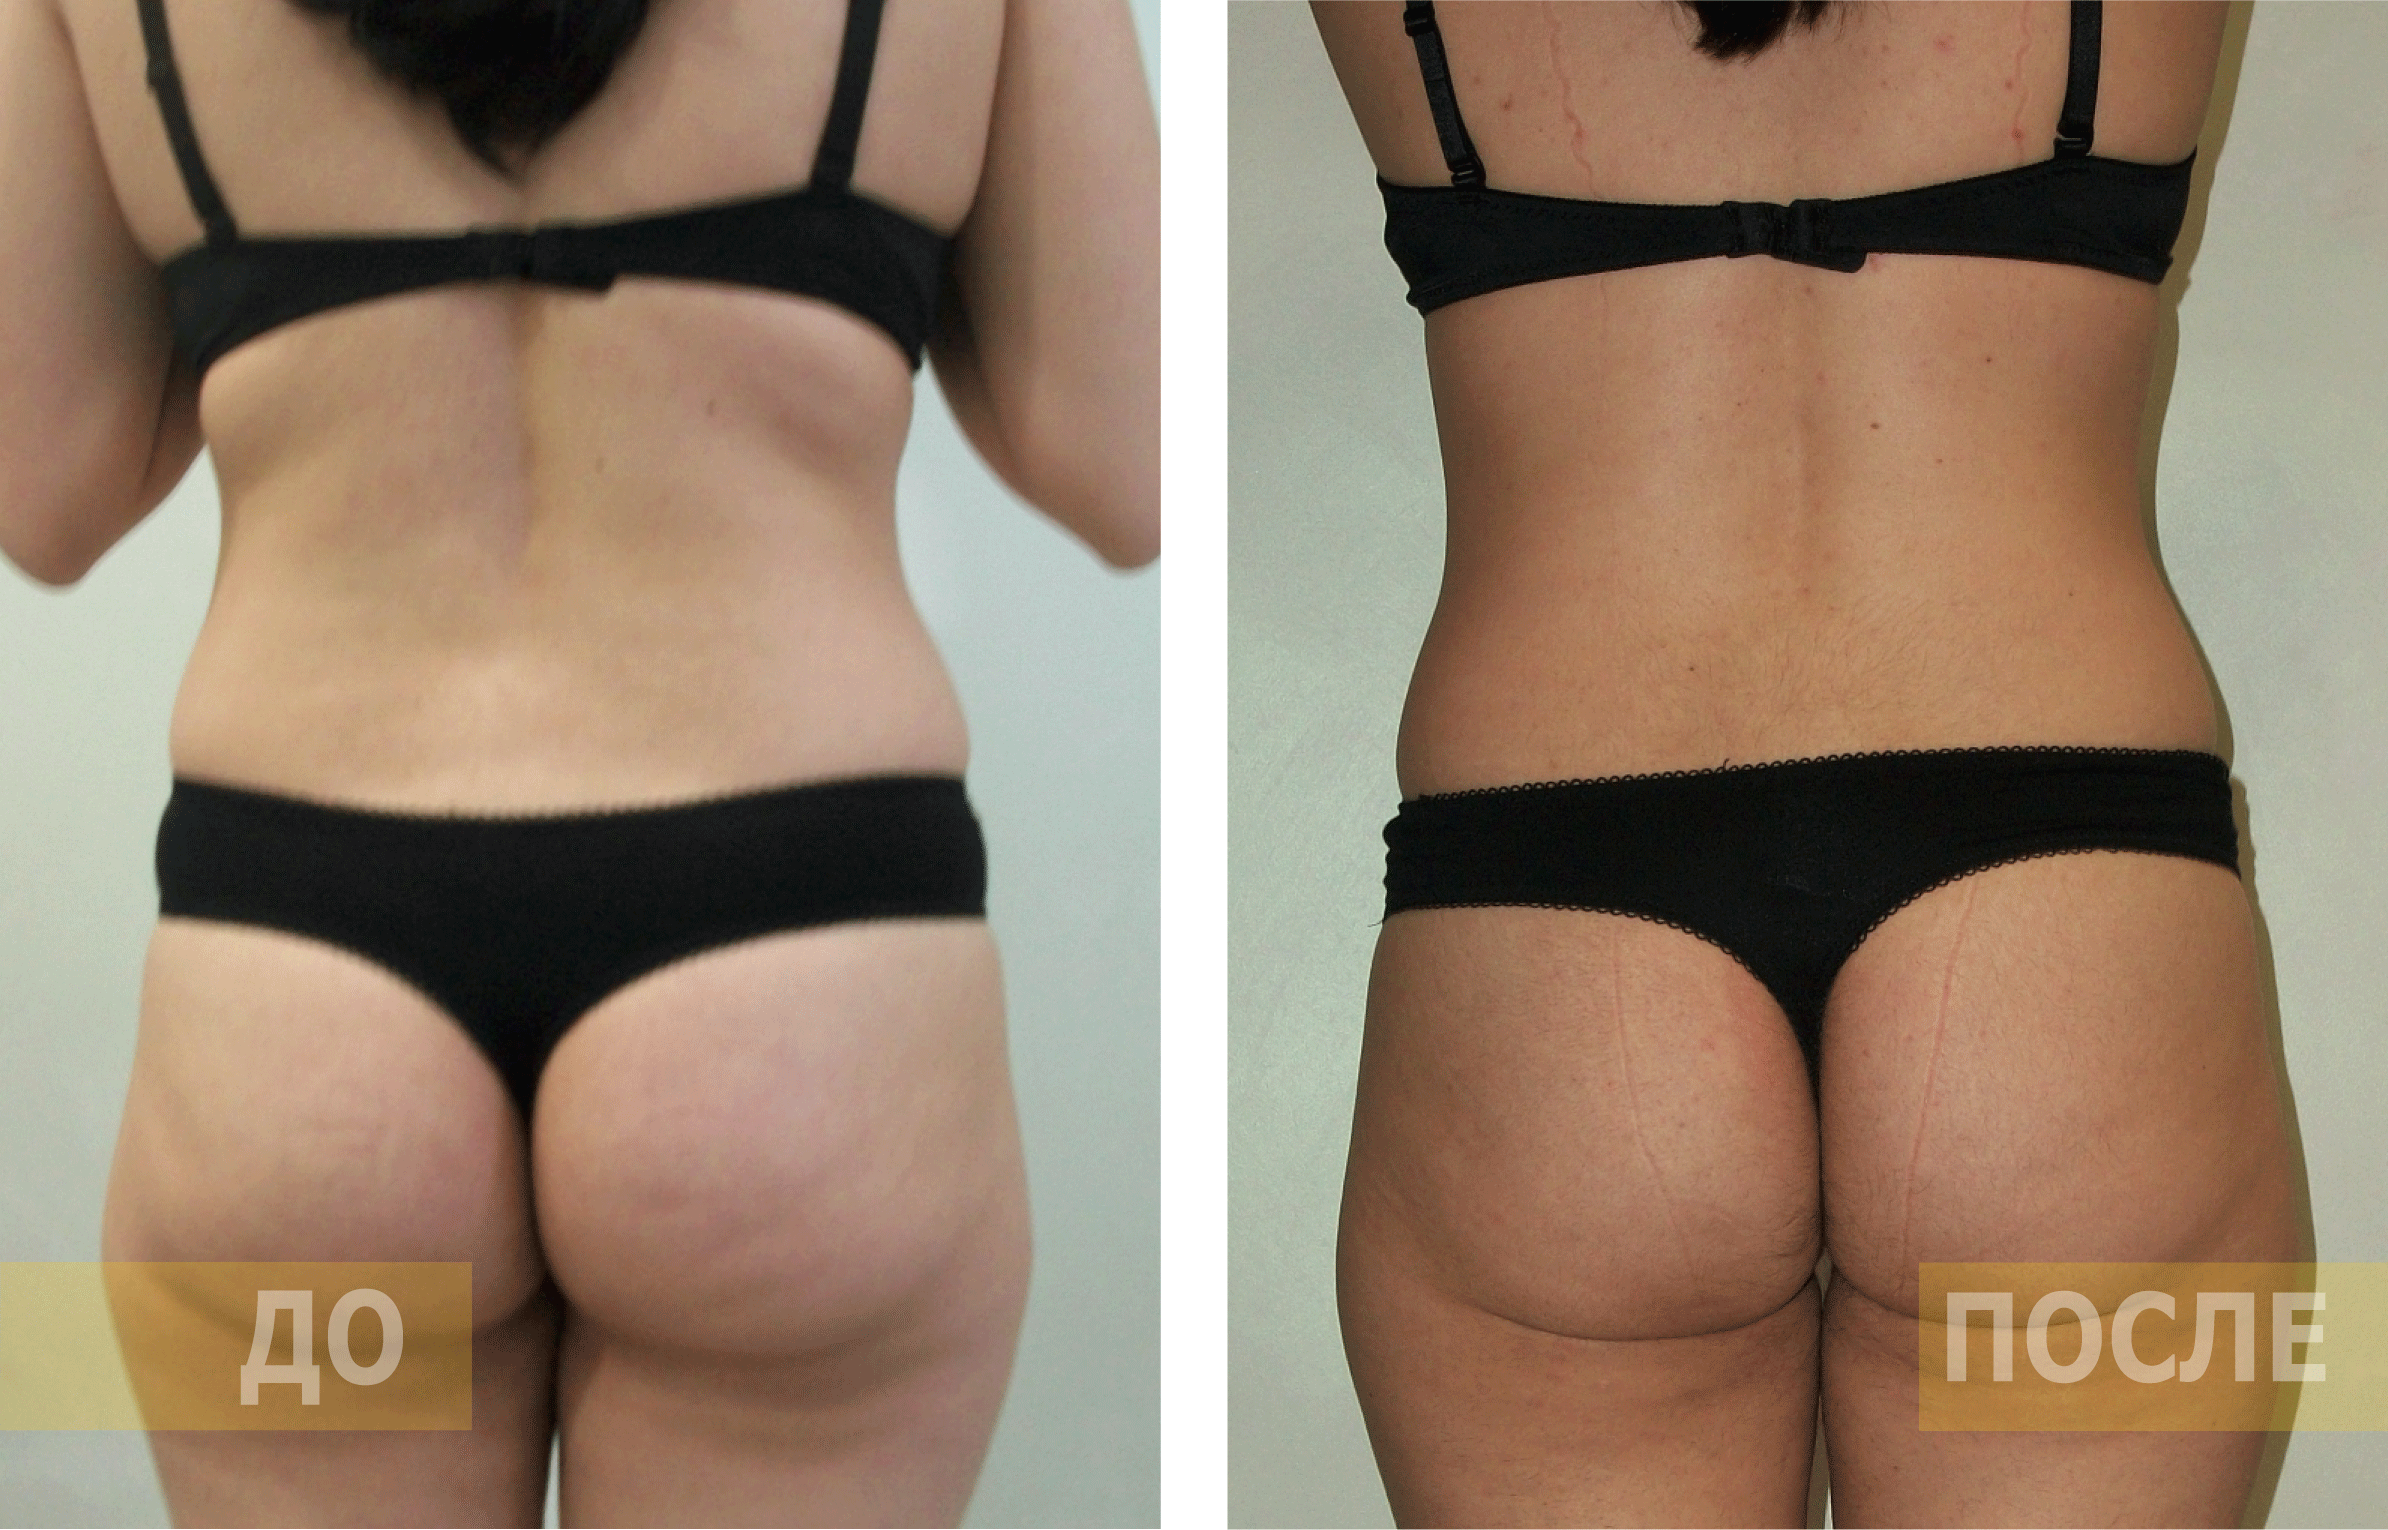 Кавитация — отзывы, фото до и после